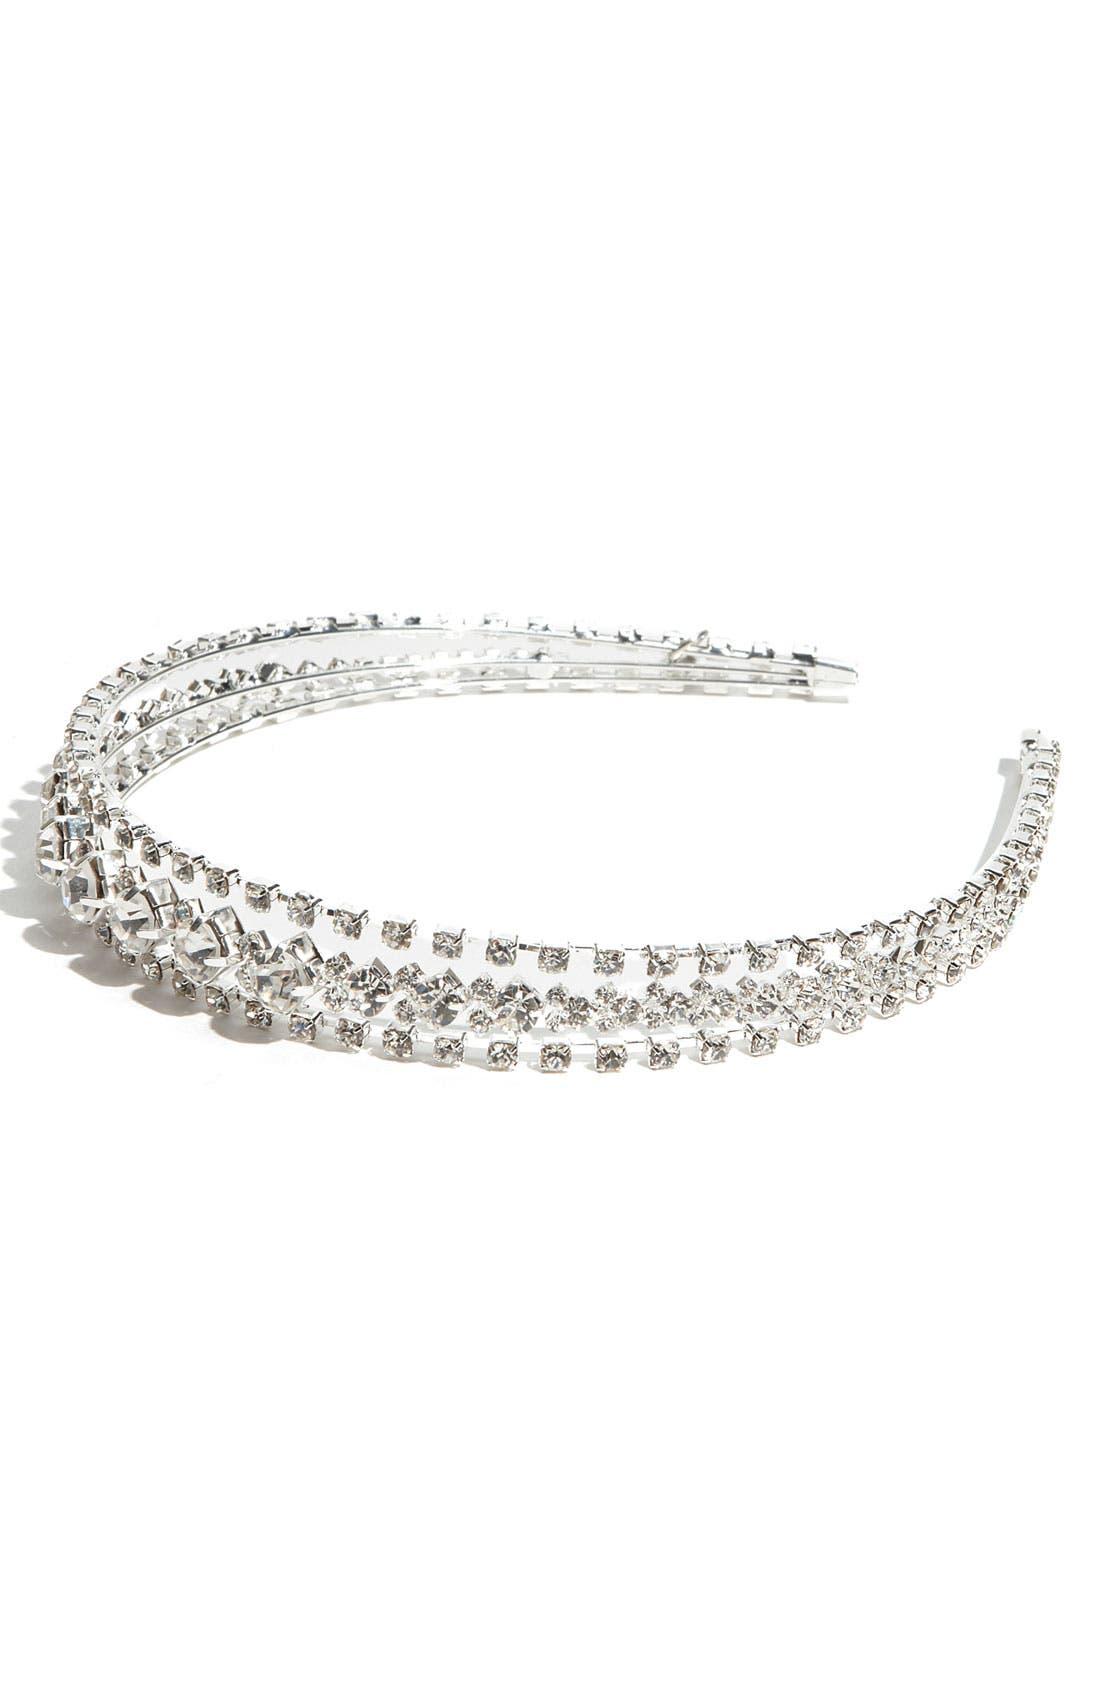 Main Image - Tasha 'Triple Crystal' Headband